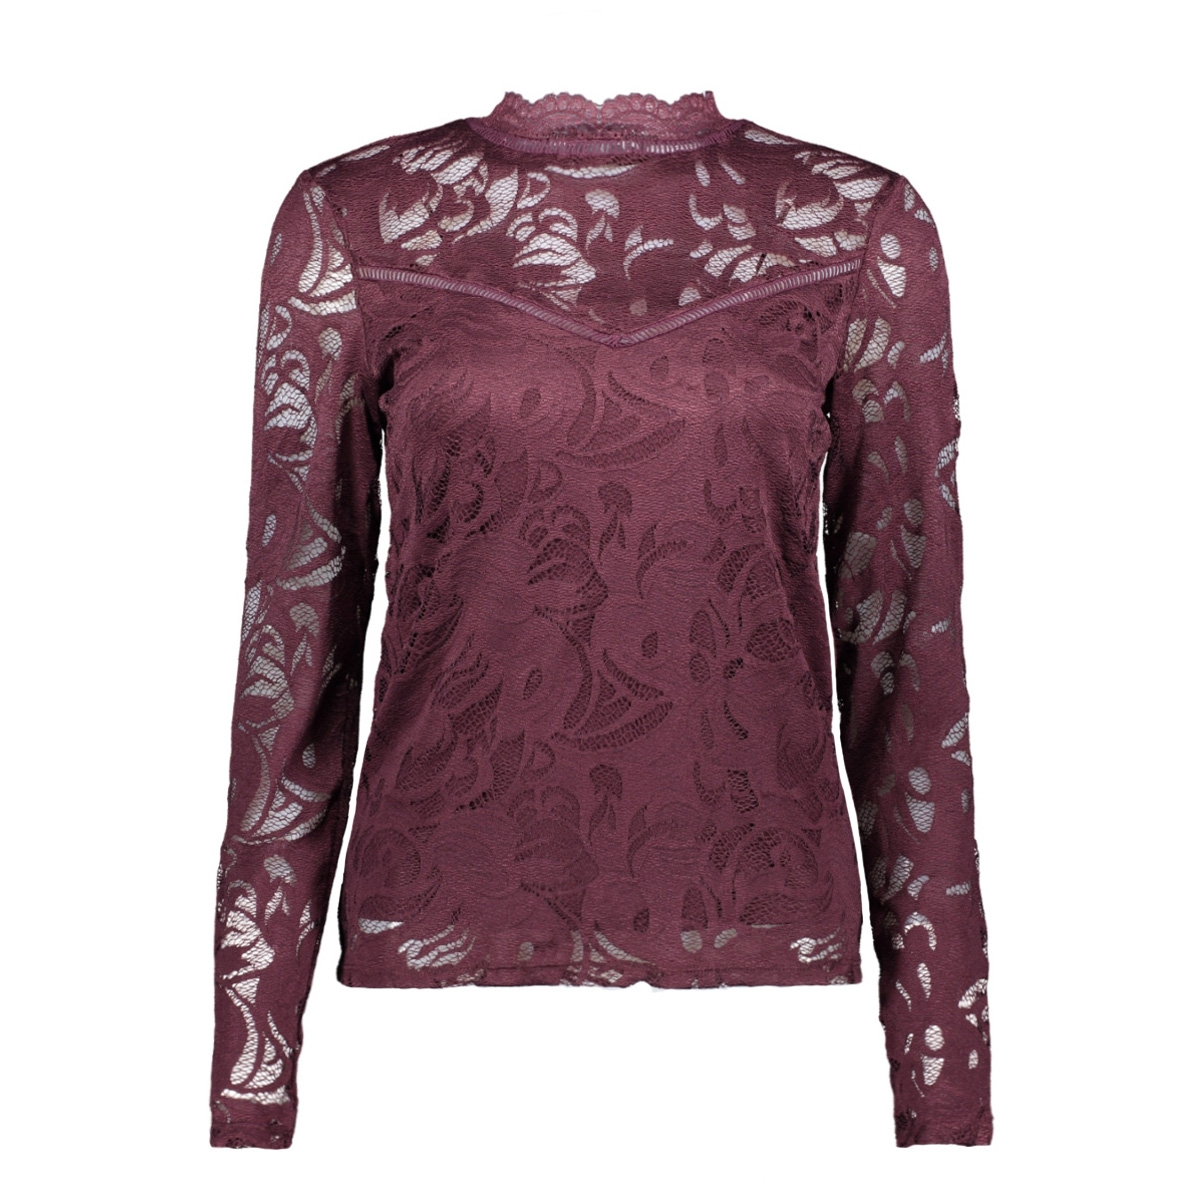 vistasia l/s lace top-fav 14044847 vila blouse winetasting